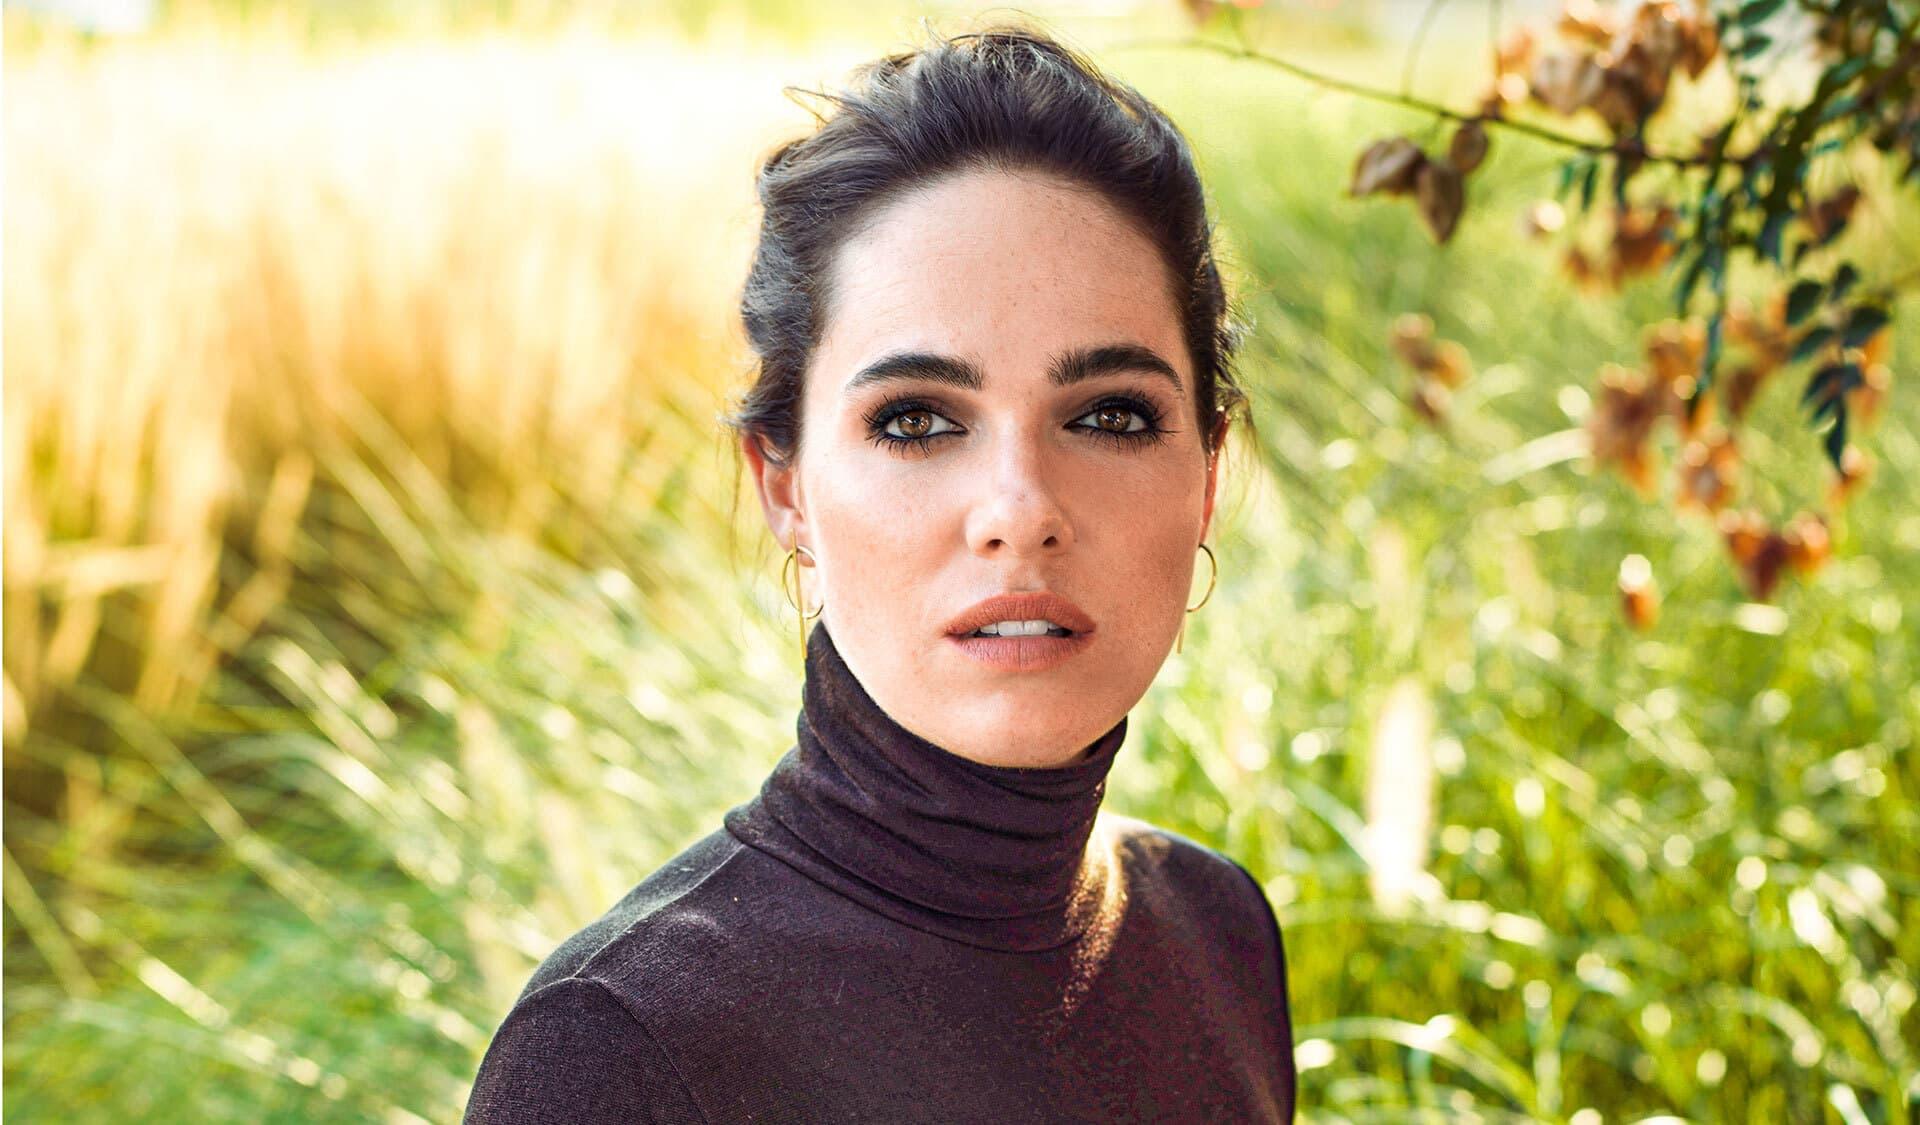 Schauspielerin Verena Altenberger schaut in die Kamera.